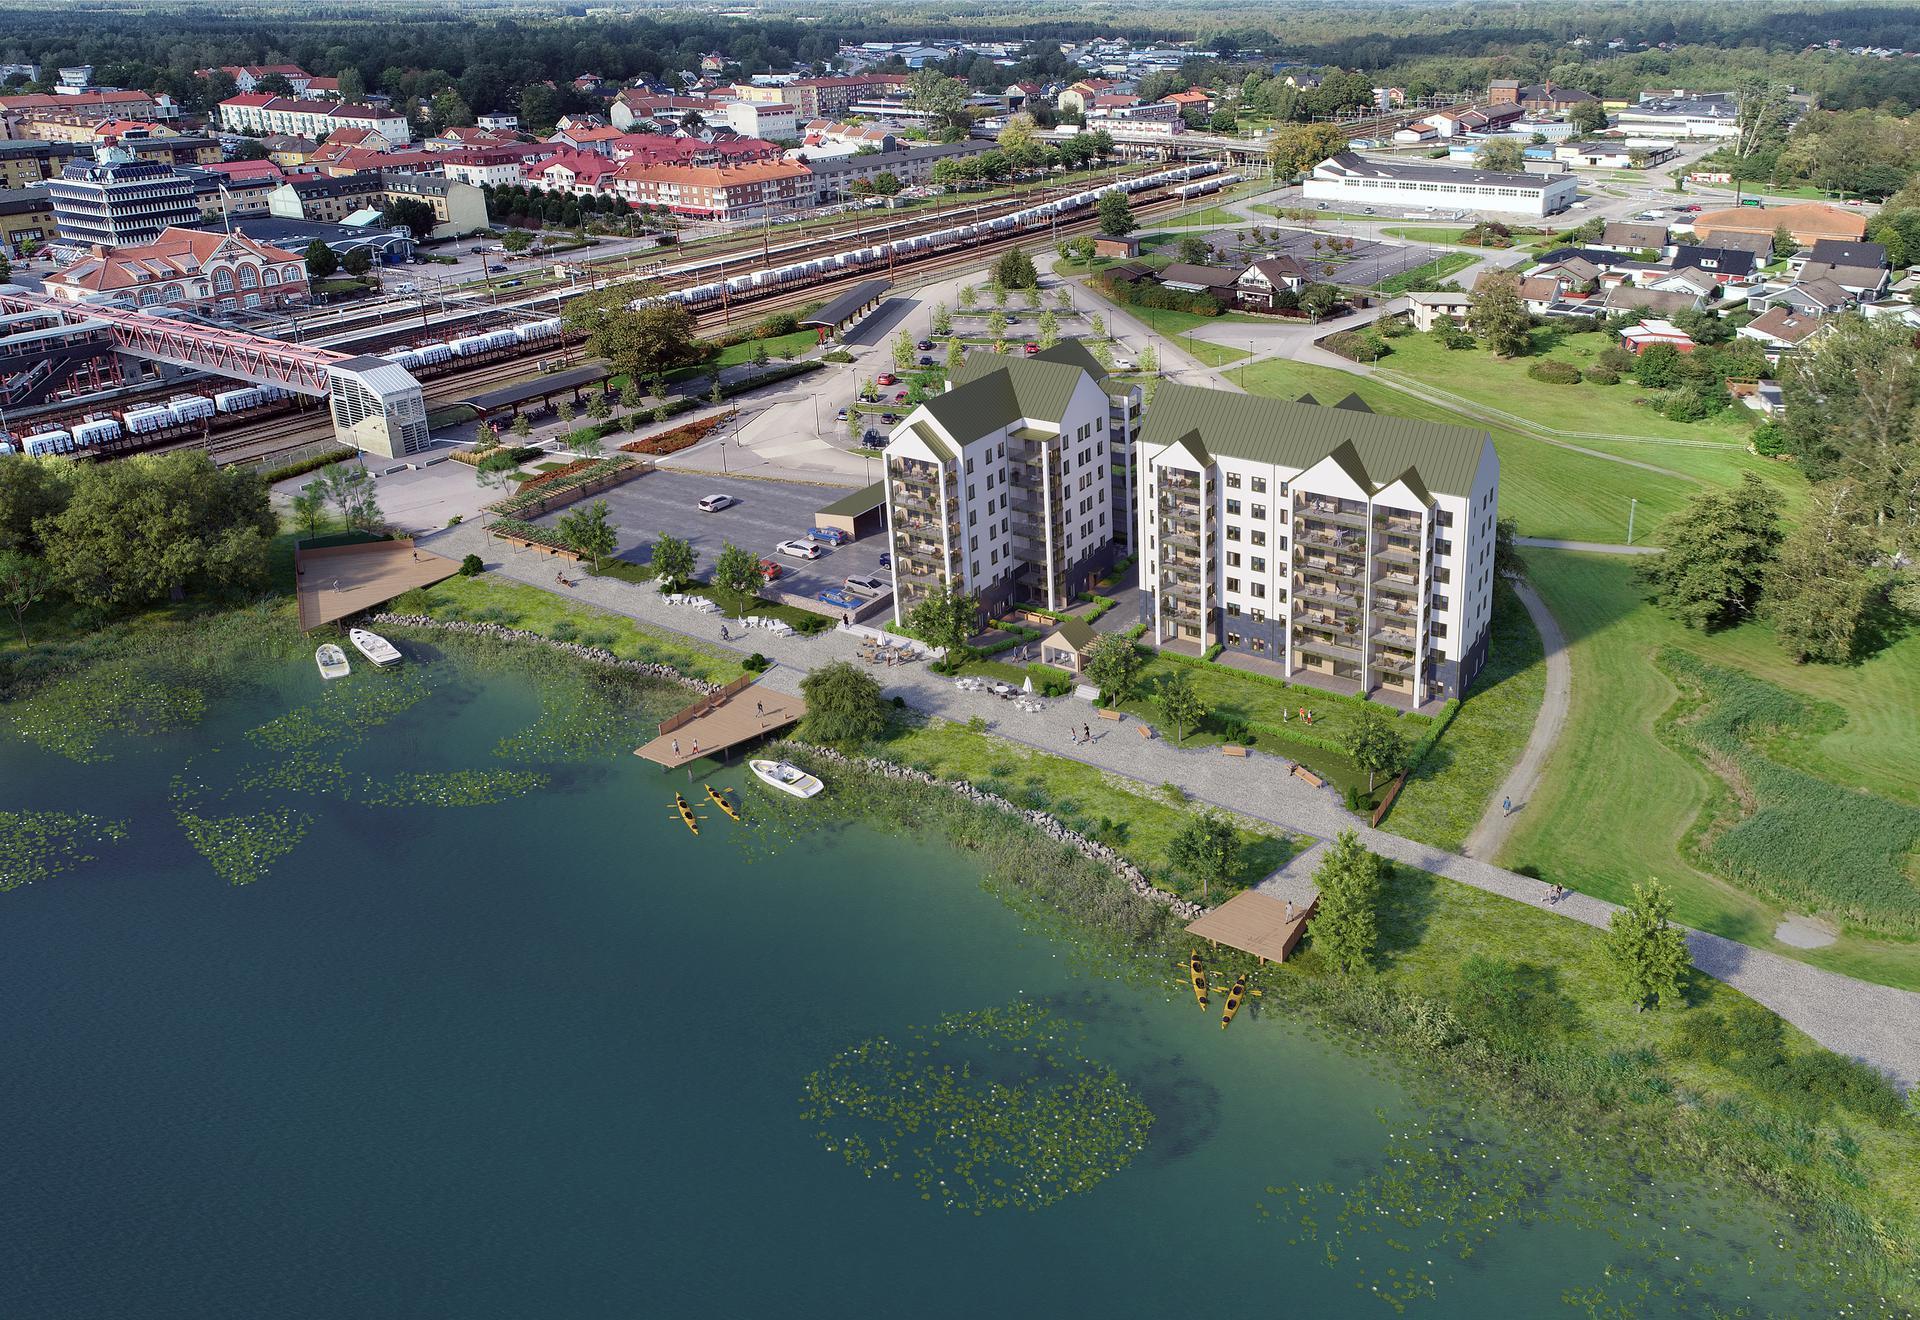 Översiktsbild Brf Sjöparken i Alvesta. Inspirationsbild, avvikelser kan förekomma.